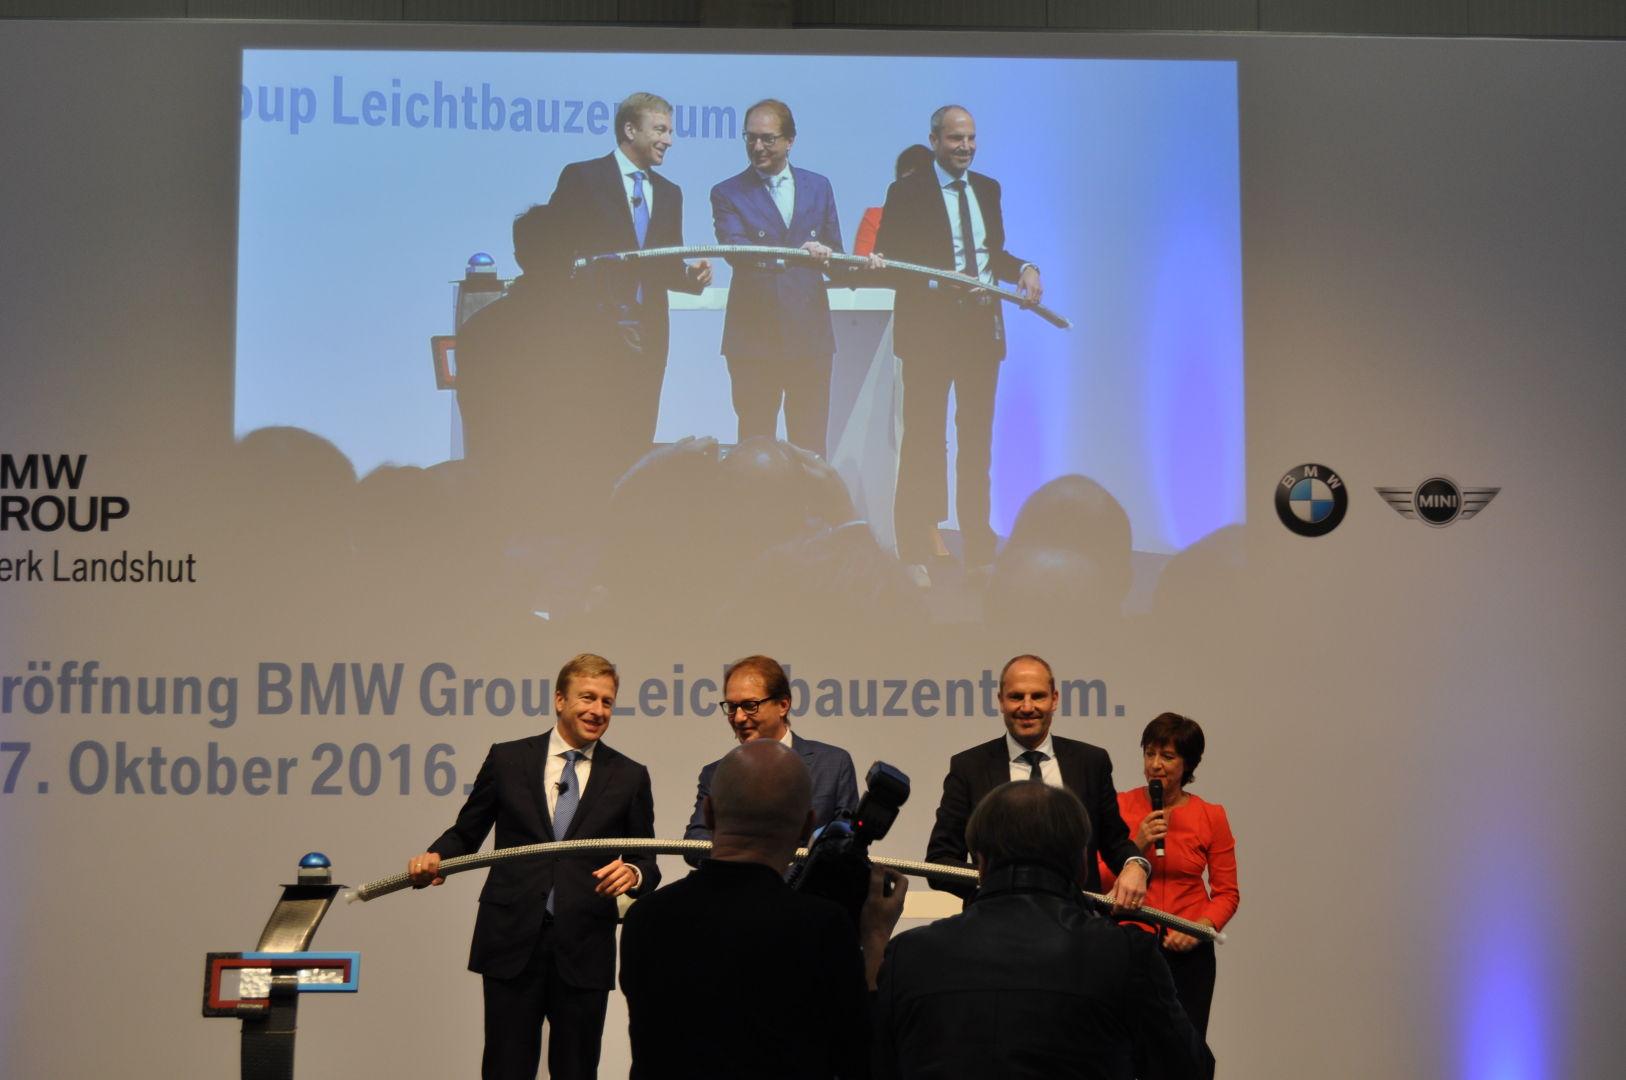 BMW Group - Leichtbauzentrum - Eröffnung durch Bundesverkehrsminister Dobrindt am 27.10.2016